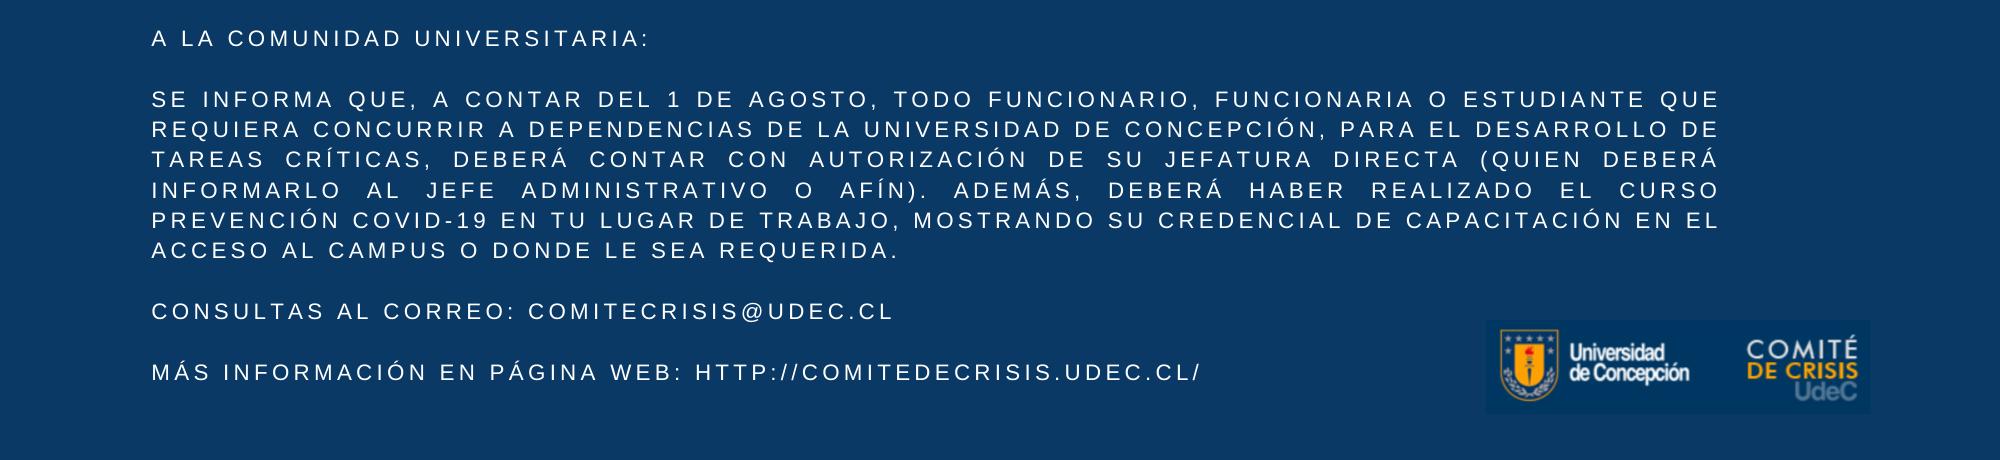 Comité Crisis